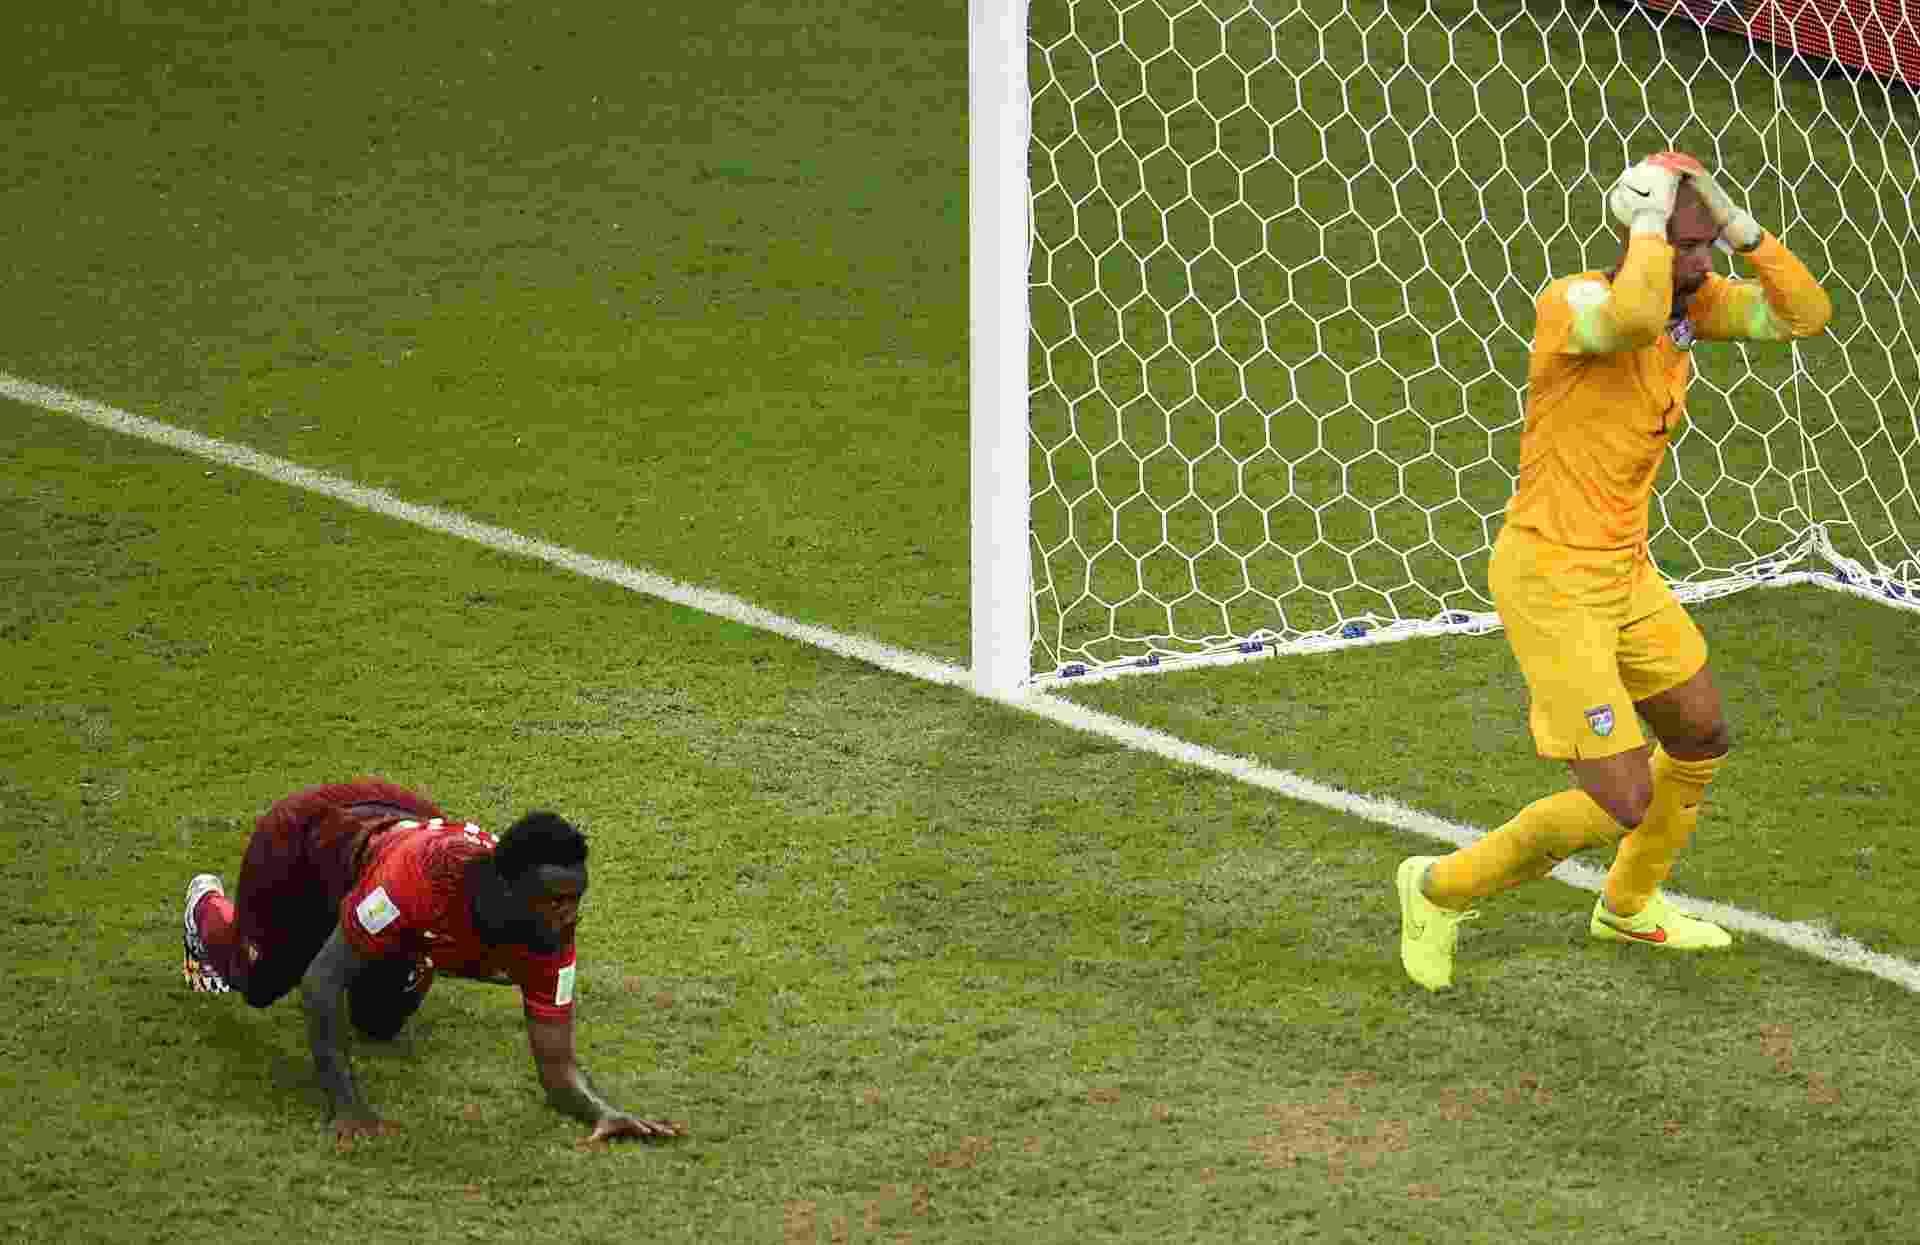 Goleiro dos Estados Unidos, Tim Howard coloca a mão na cabeça após Portugal empatar a partida no último minuto de jogo - undefined